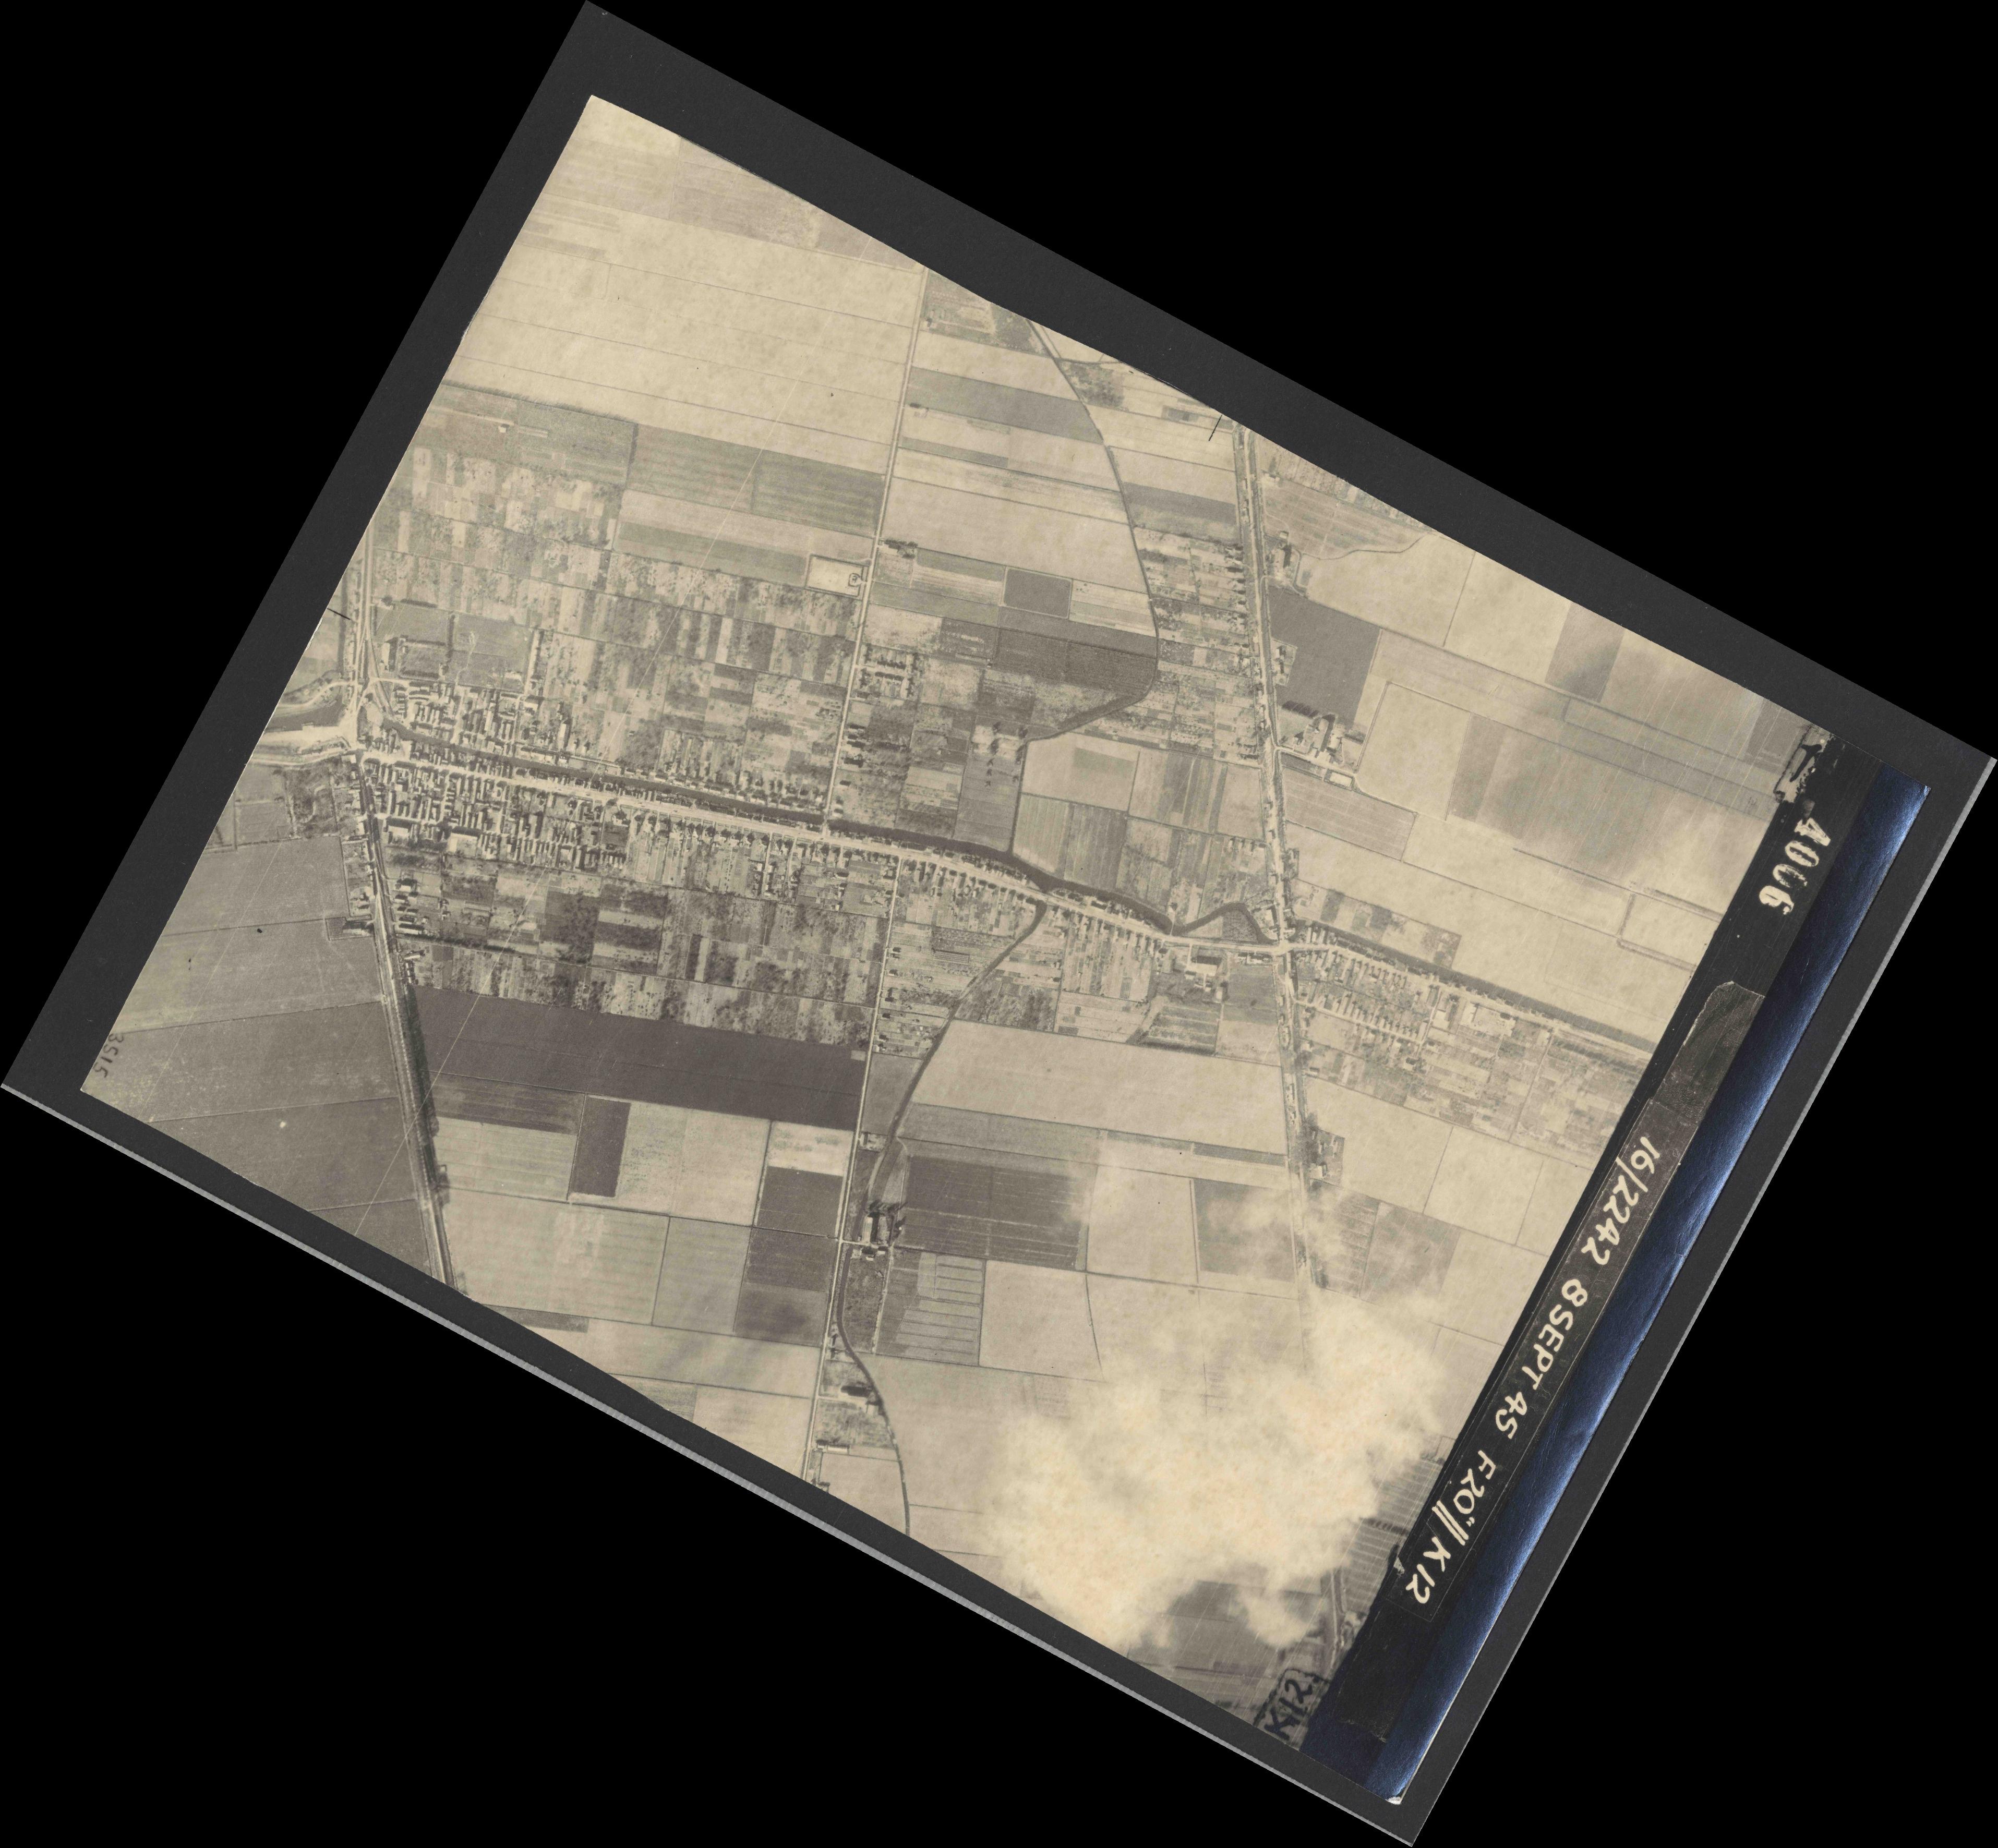 Collection RAF aerial photos 1940-1945 - flight 036, run 11, photo 4006